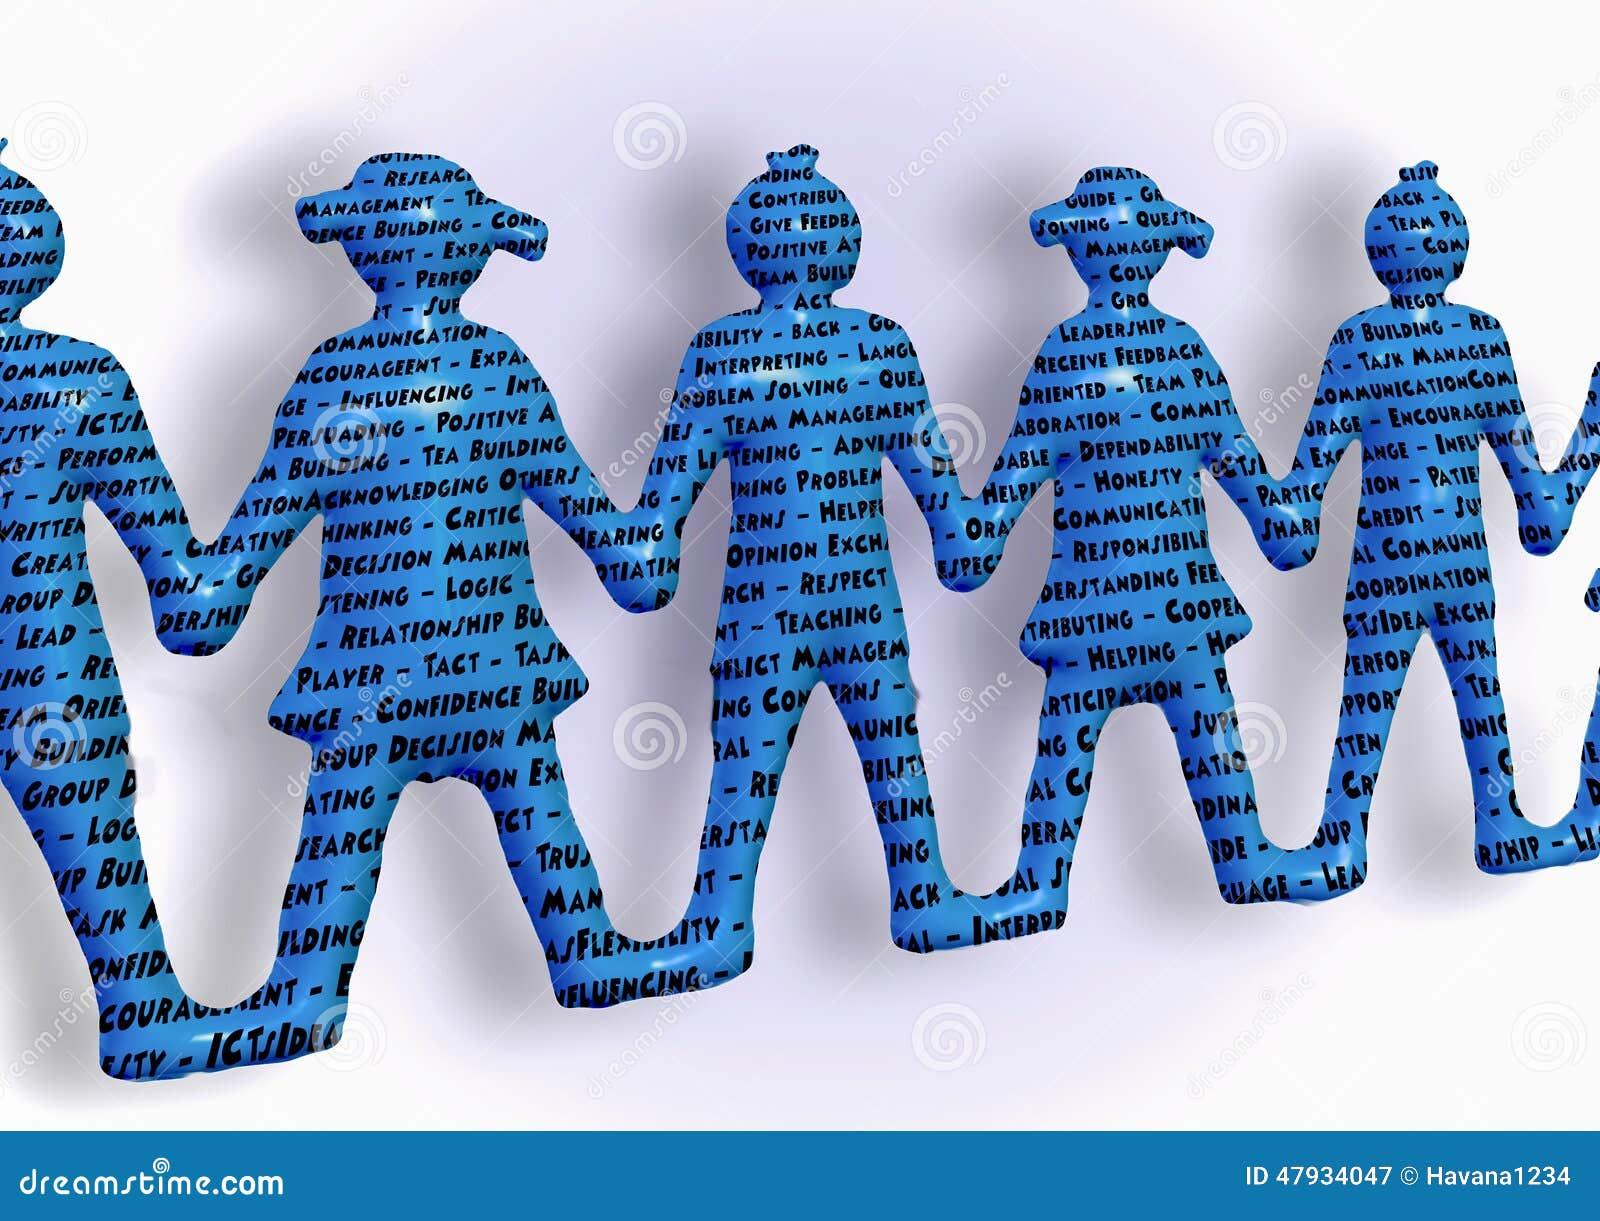 Team Holding Hands Keywords Teamwork Better Together ...